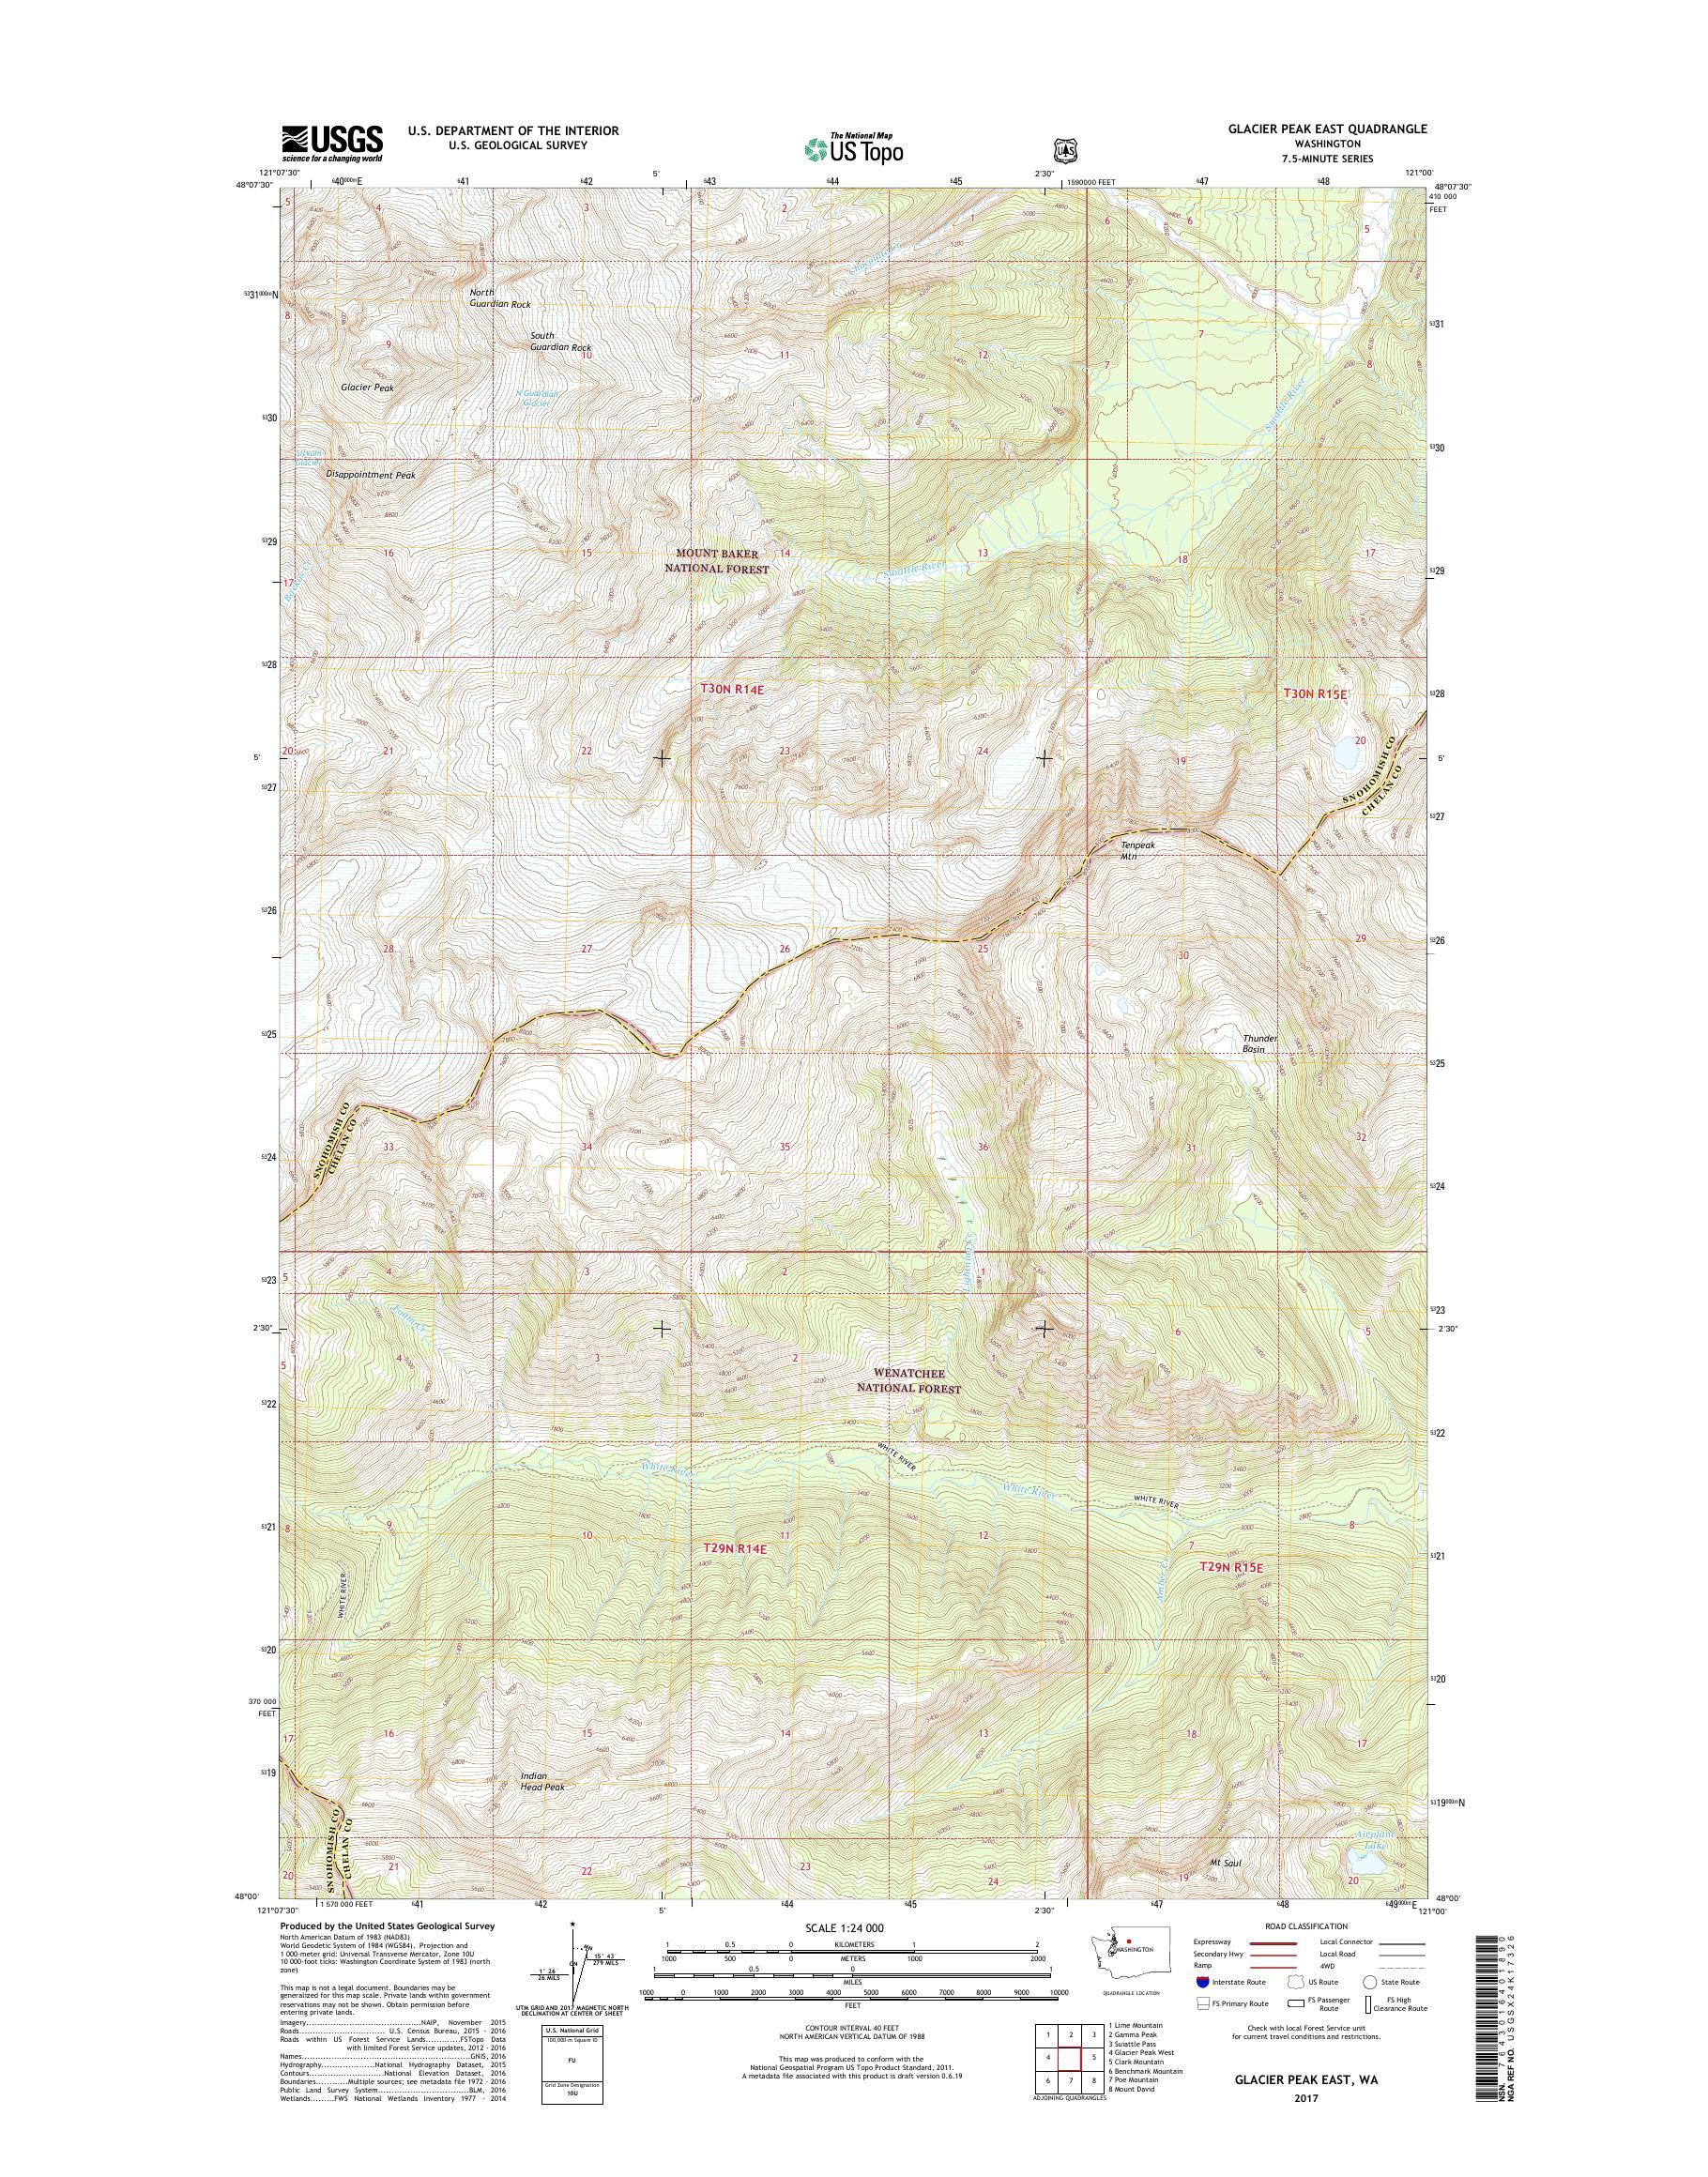 MyTopo Glacier Peak East, Washington USGS Quad Topo Map on west washington map, hope washington map, northwest washington map, okanogan county map, north washington map, frontier washington map, united states washington map, saint mary's map, northern washington map, clark county vancouver washington map, burlington washington map, idaho map, western washington map, lake washington loop trail map, washington lake washington map, central washington map, coastal washington map, washington wine map, bremen washington map, salem washington map,